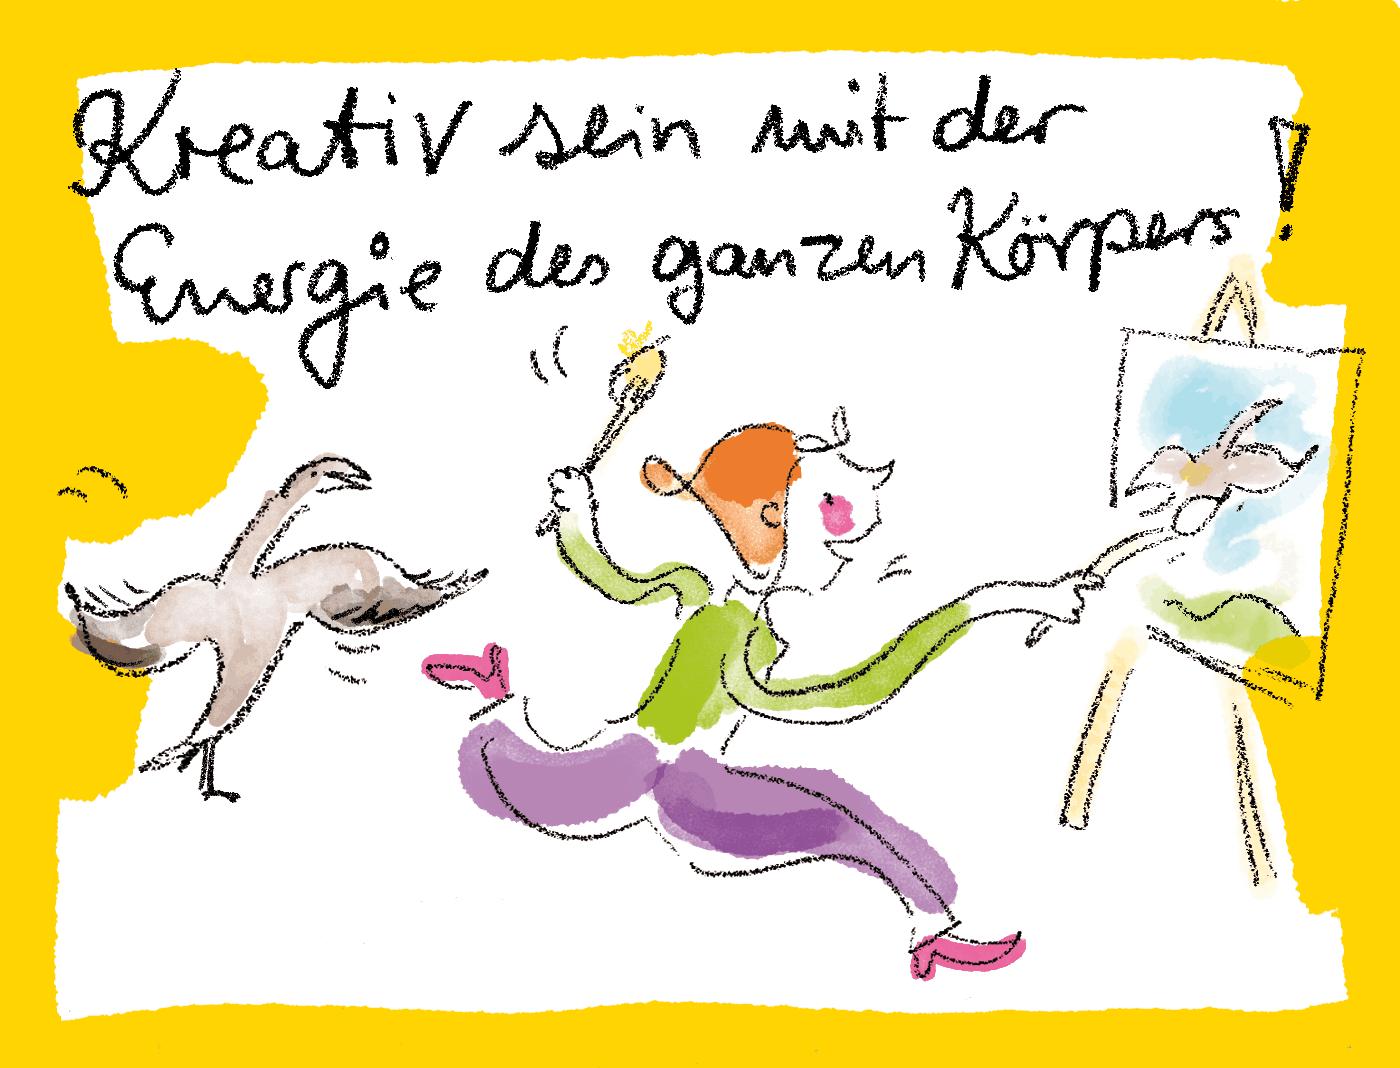 Zeichnung Frau malt kreativ